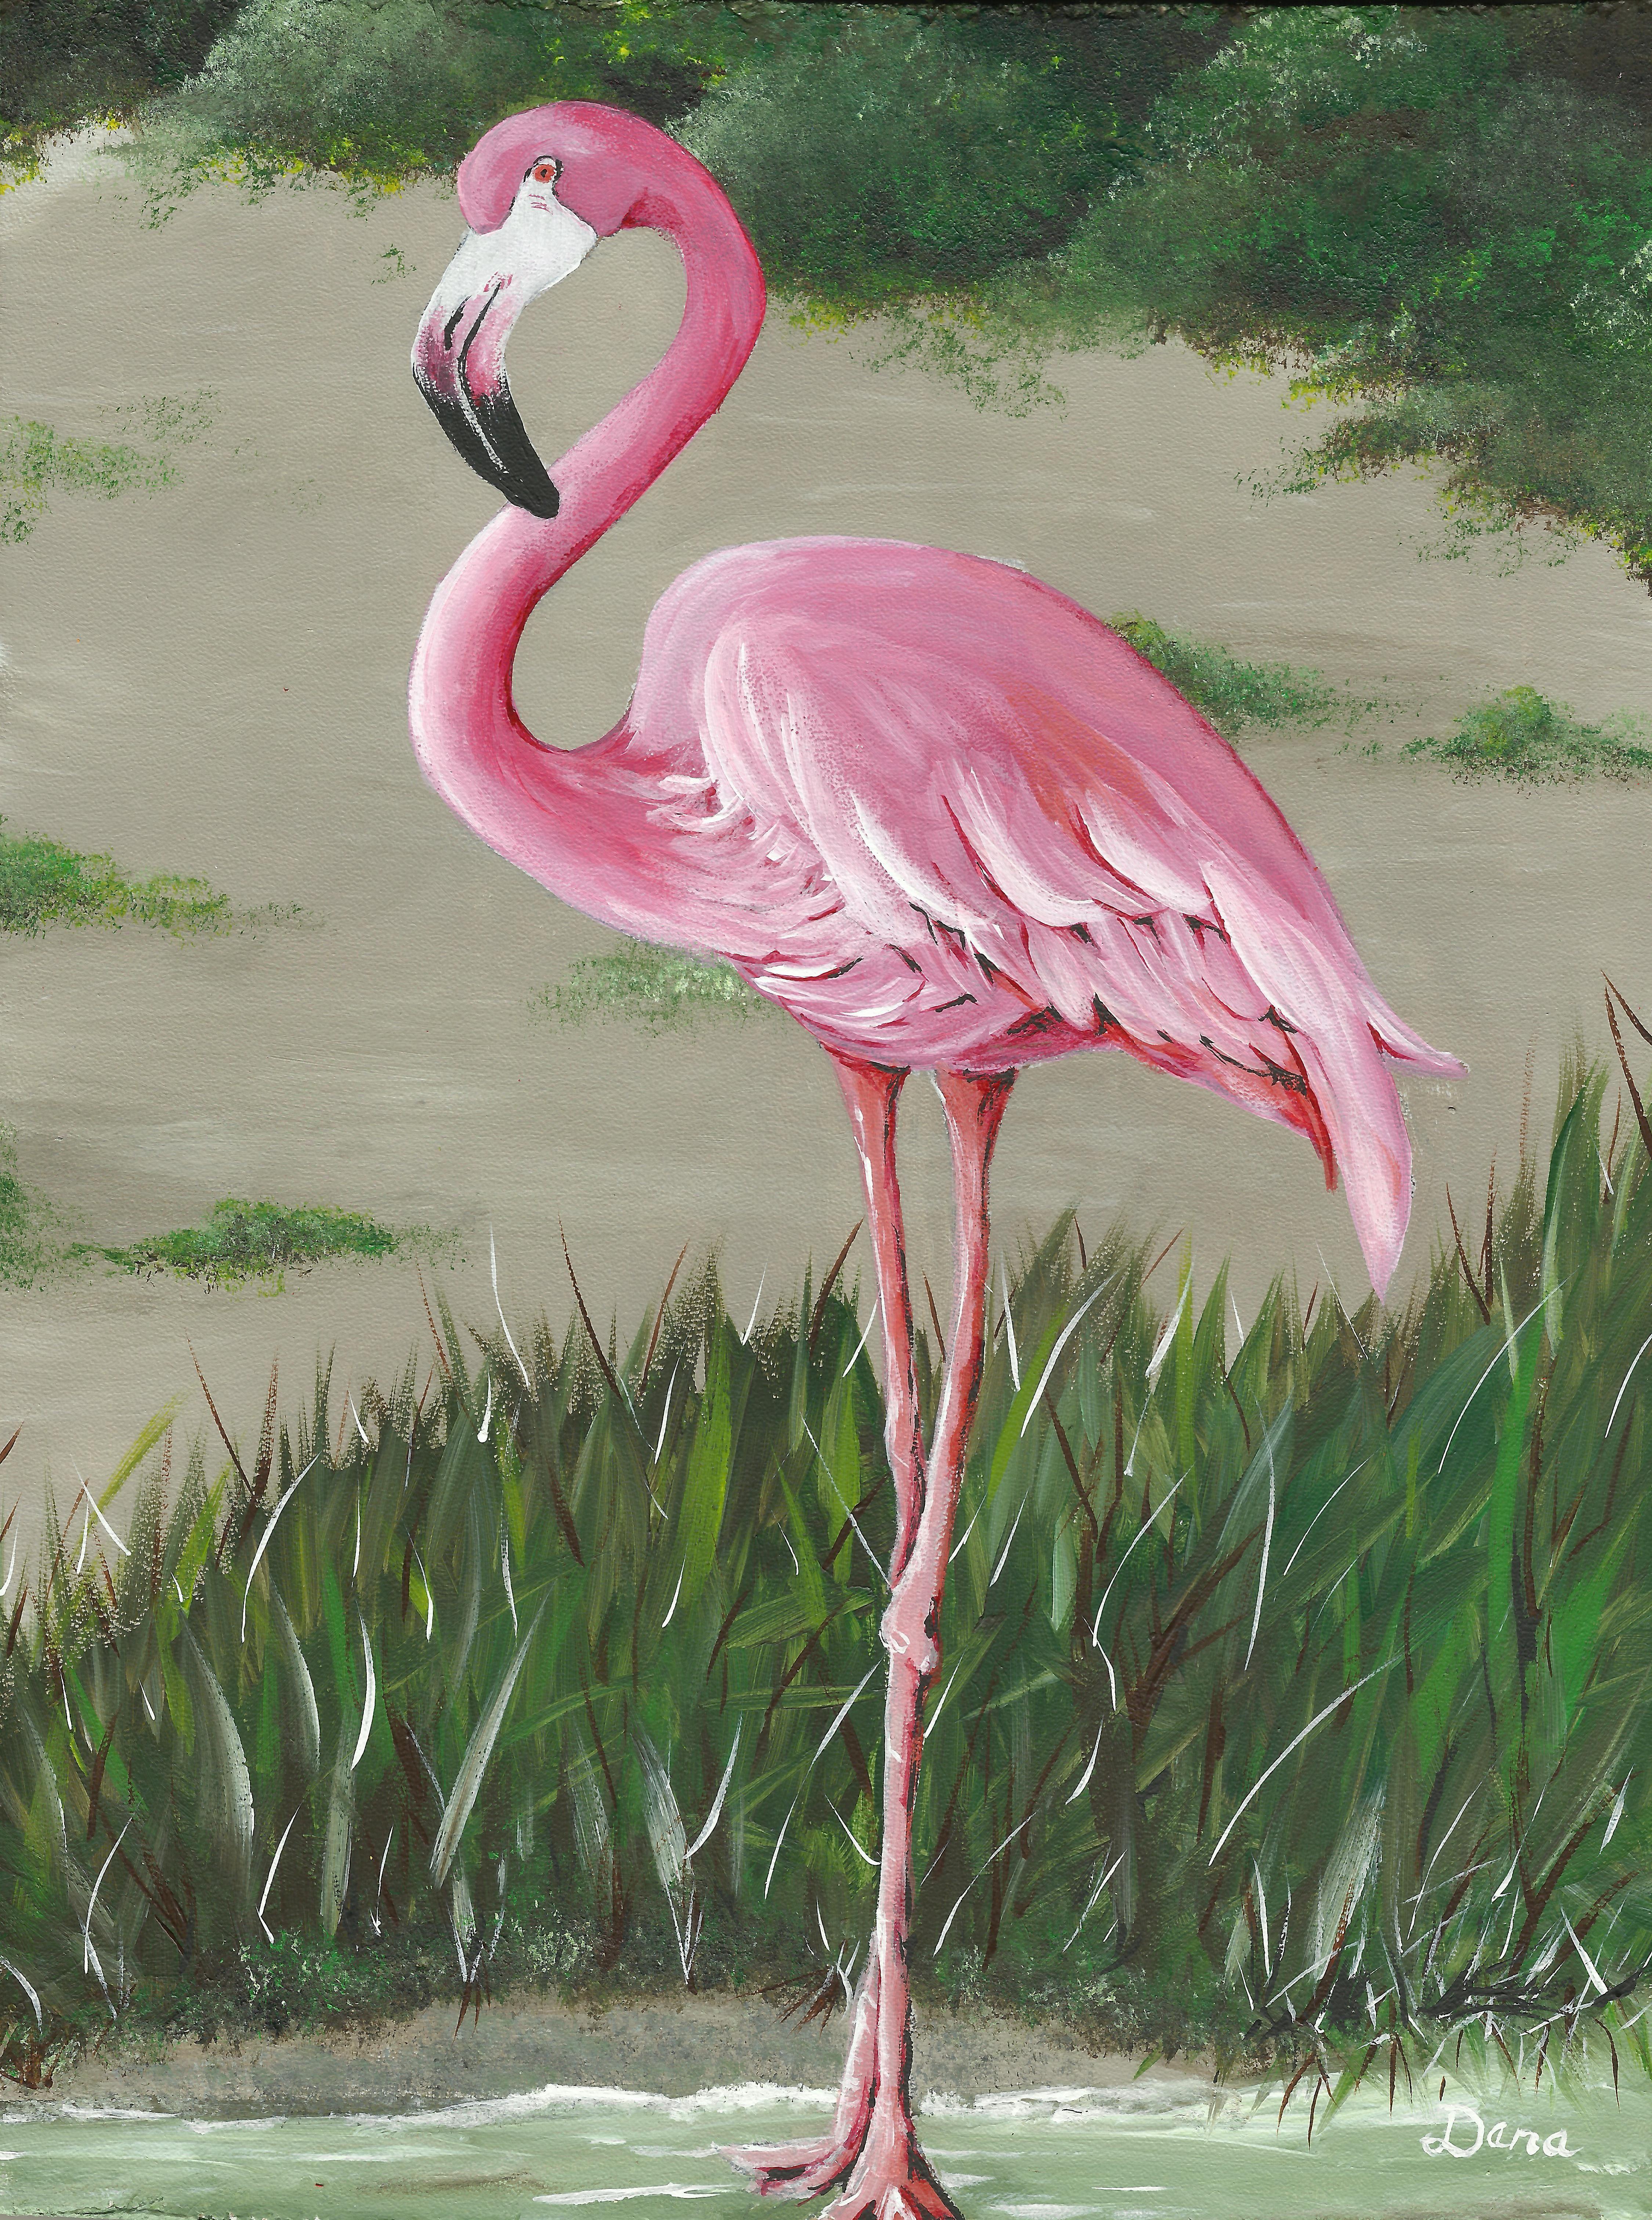 удивительно, картинка розового фламинго рисунок оставил немаленький след